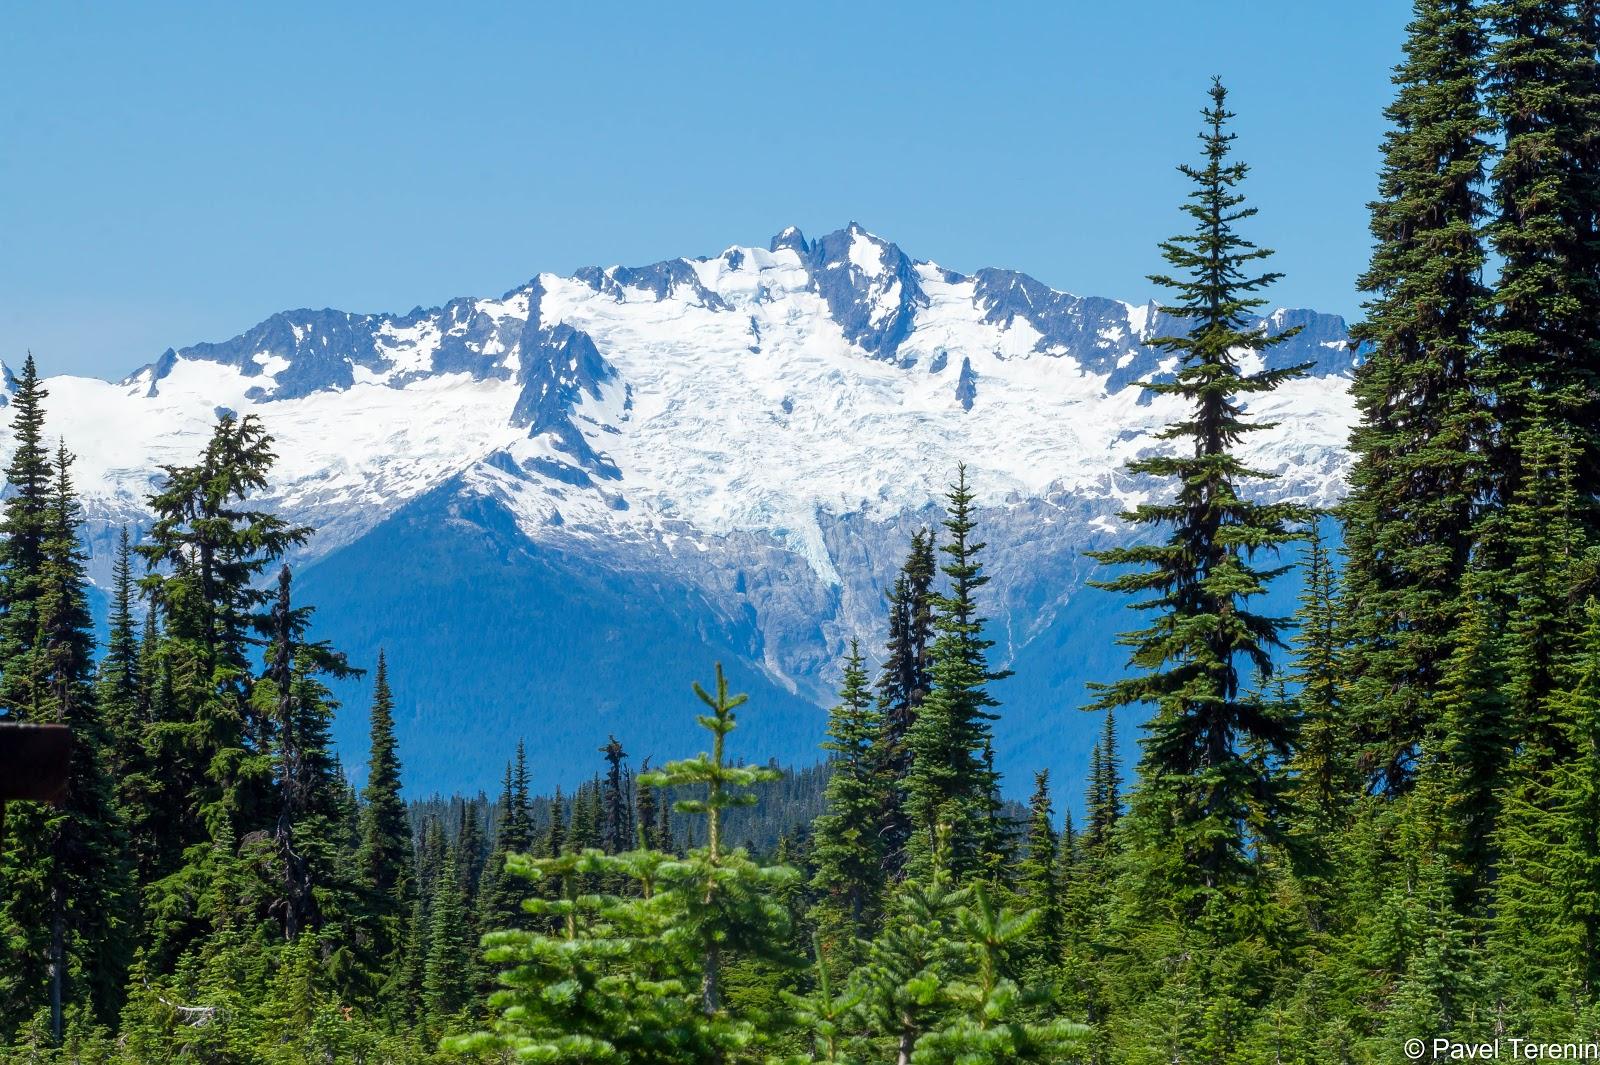 вид на снежные шапки гор прибрежного хребта